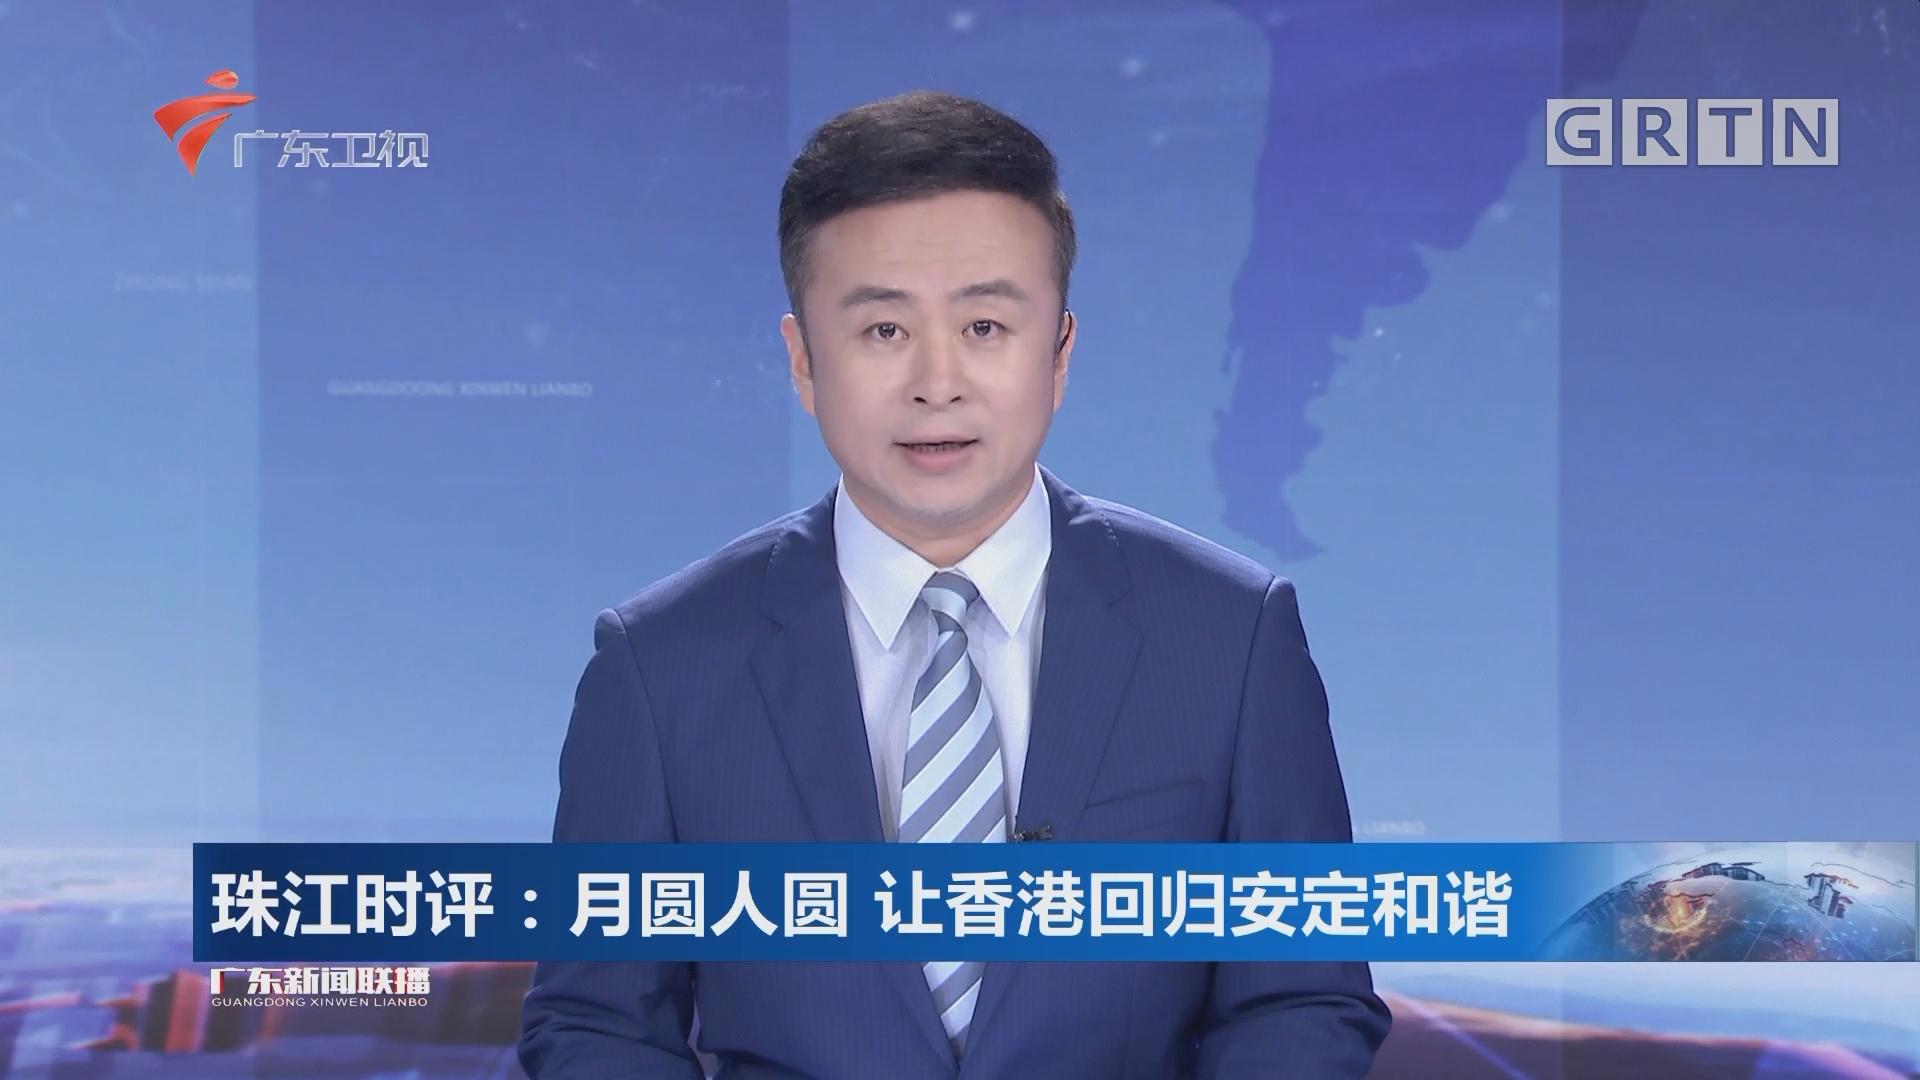 珠江时评:月圆人圆 让香港回归安定和谐